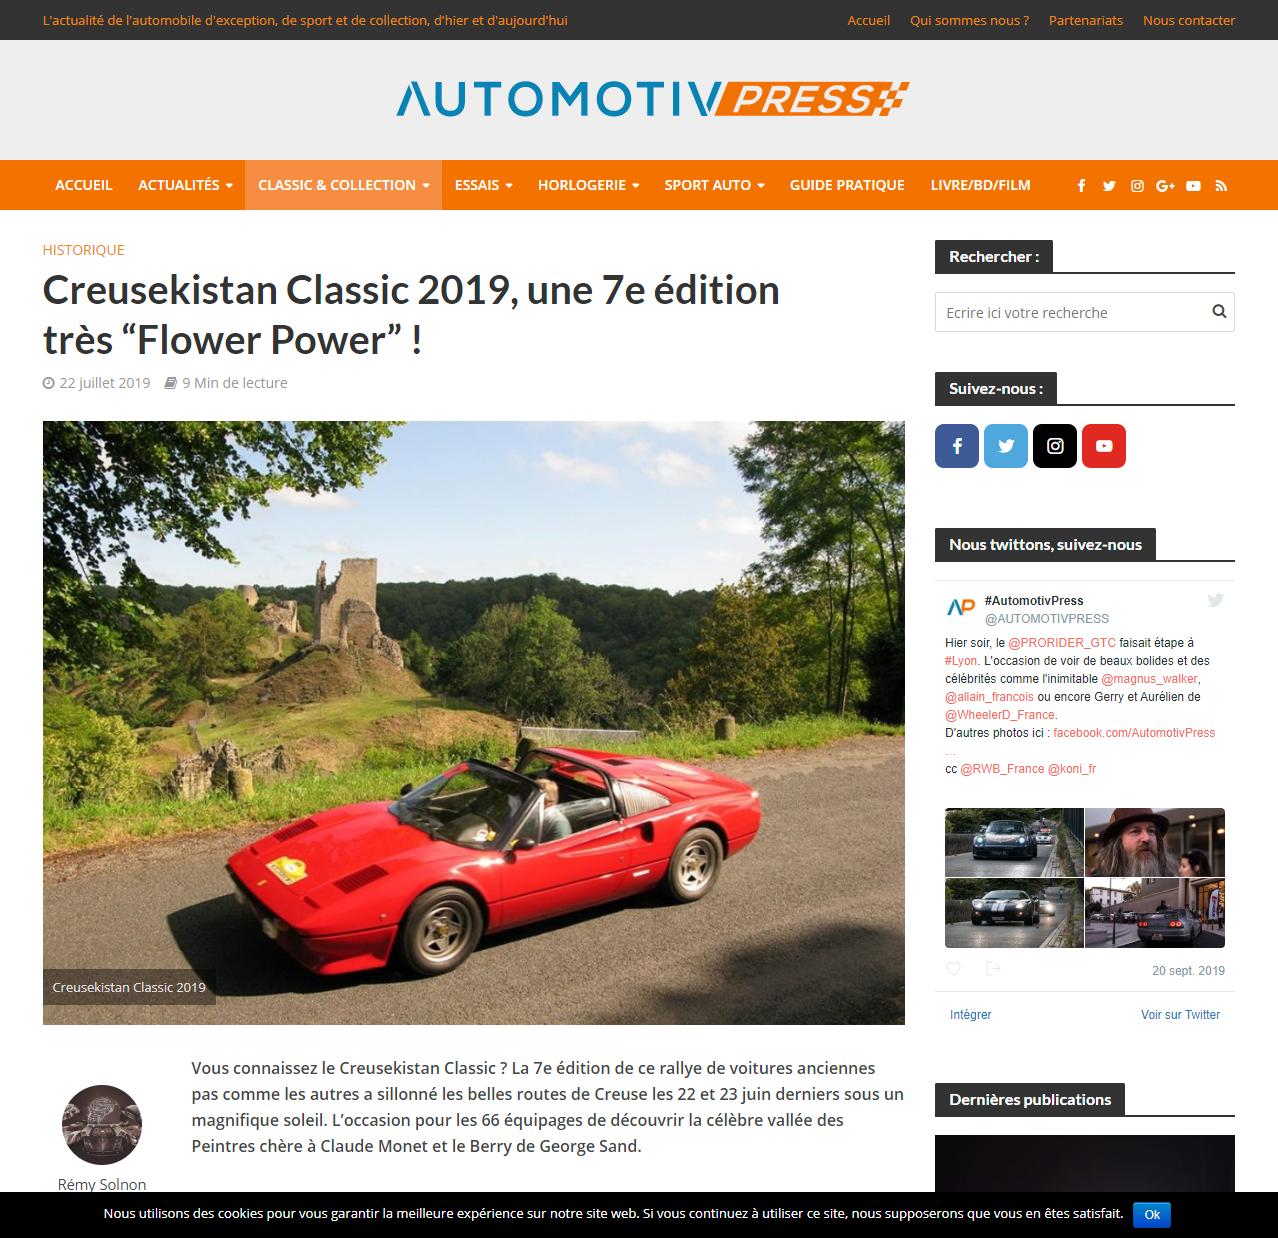 Article sur le CRK2019 dans Automotiv Press